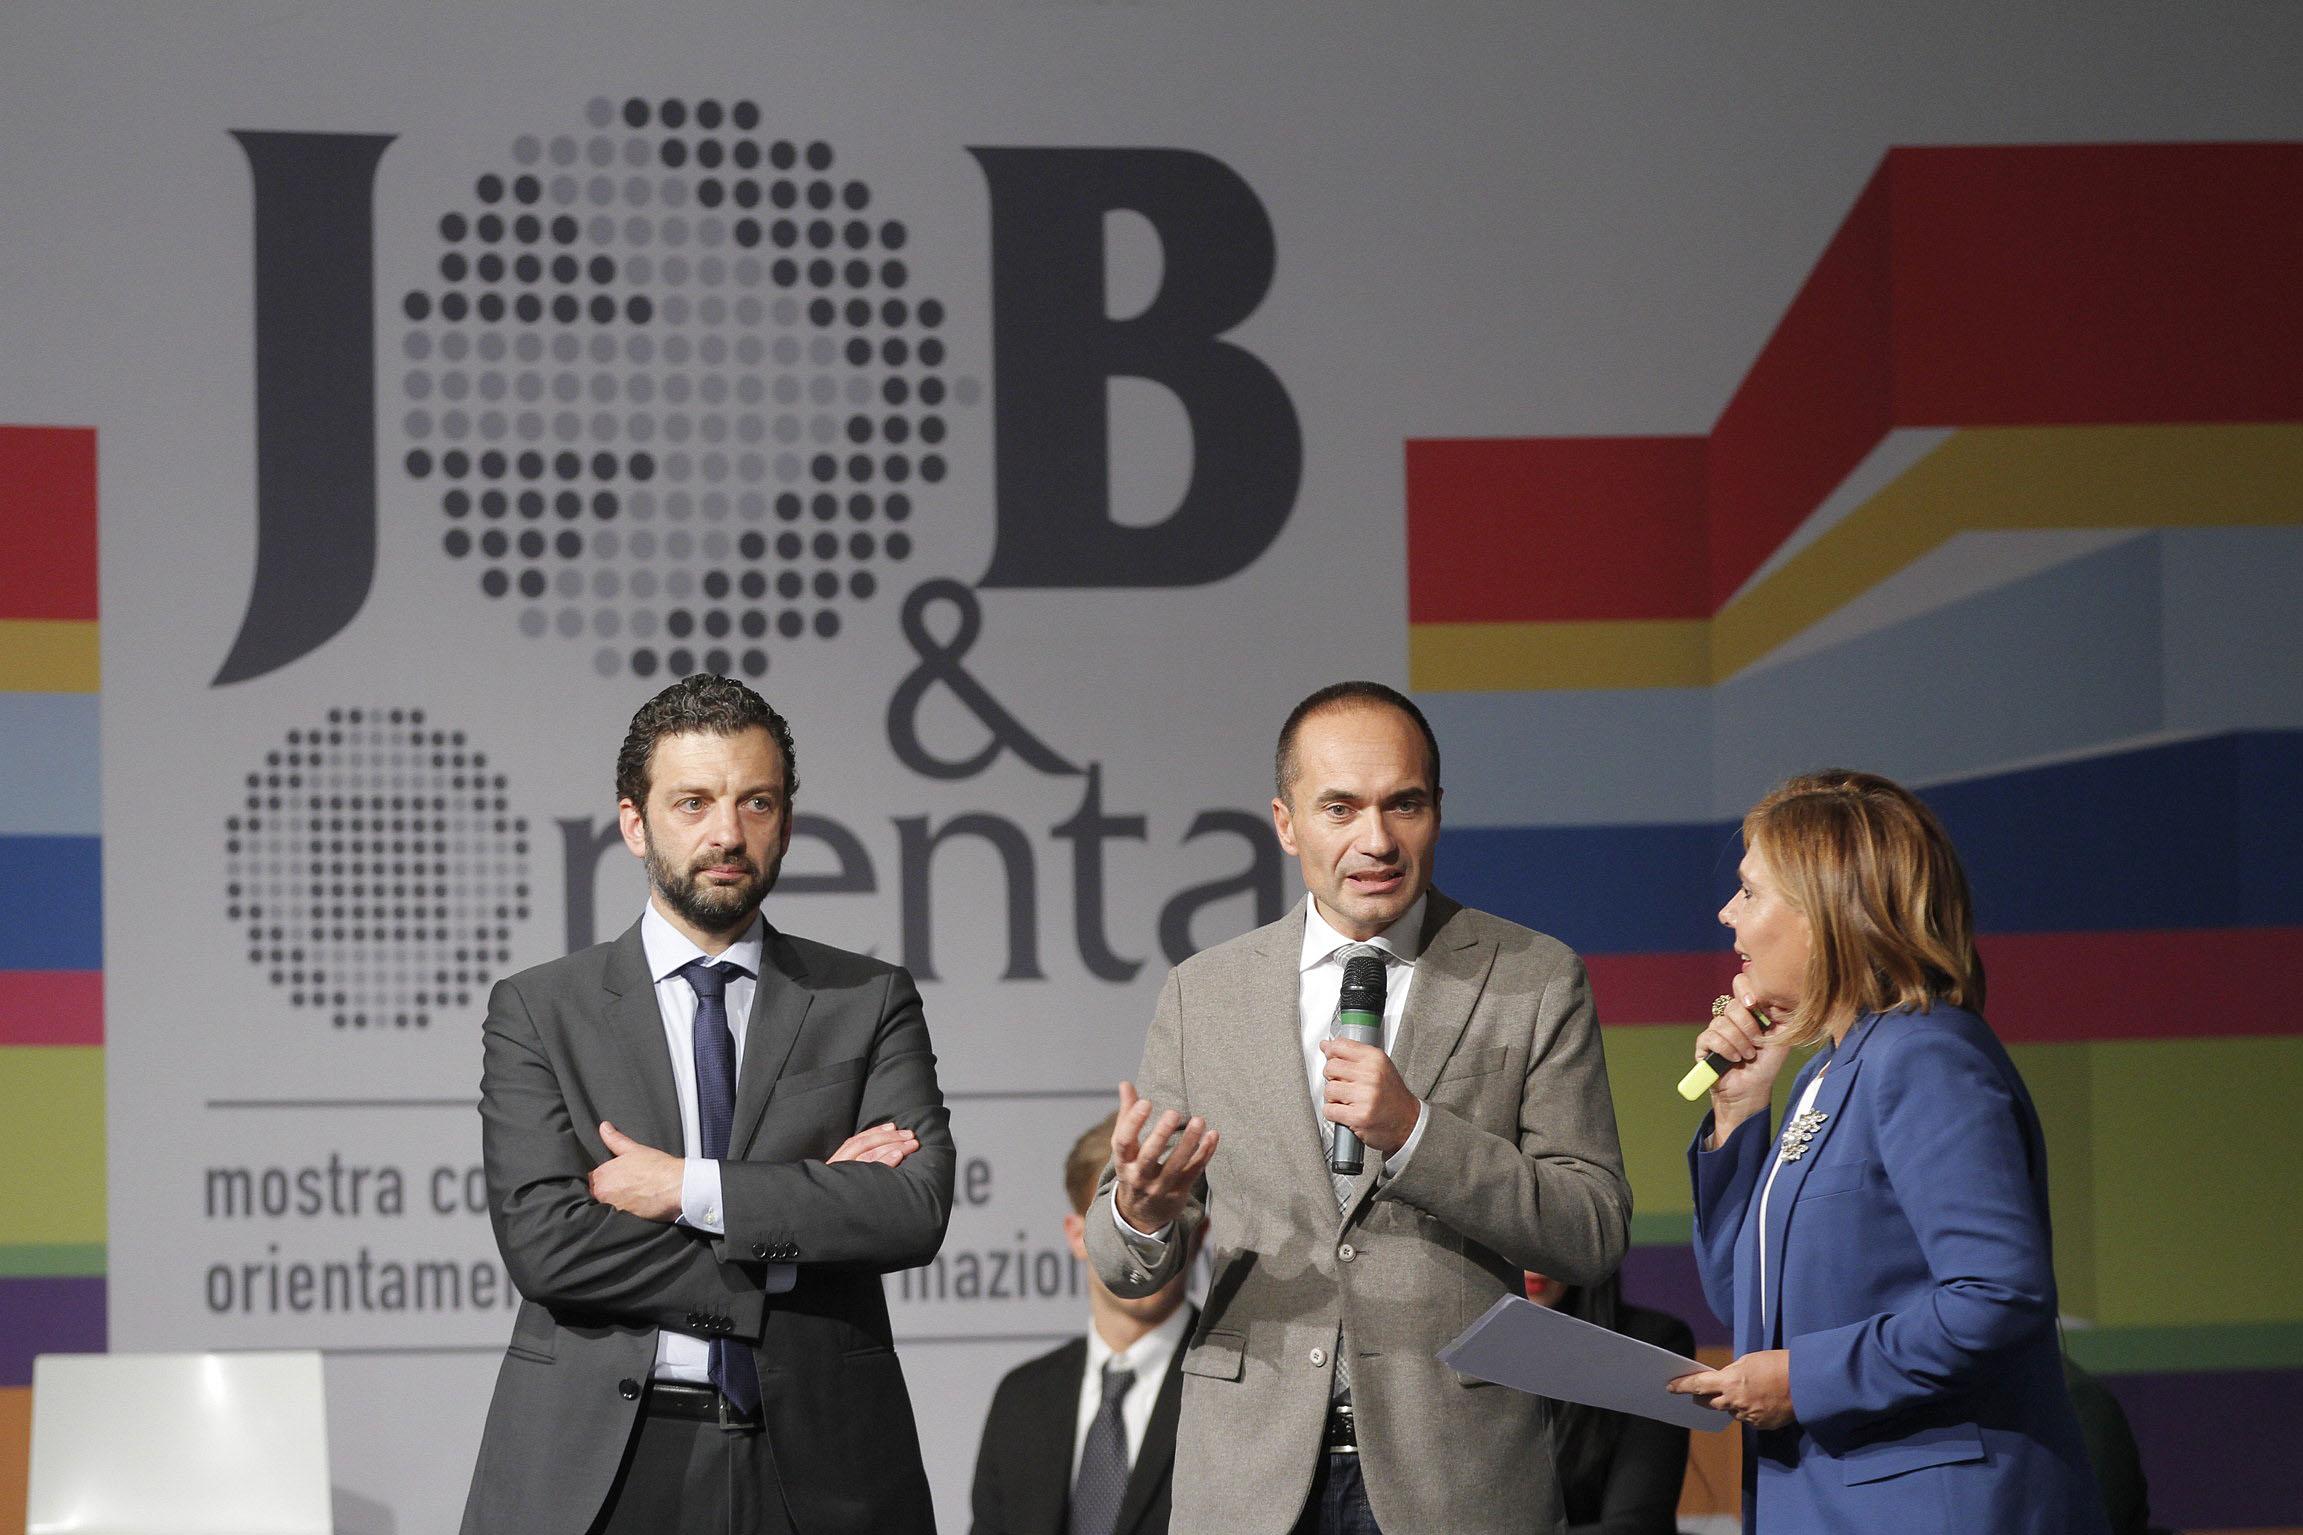 Gabriele Toccafondi, Sottosegretario del MIUR a JOB&Orienta